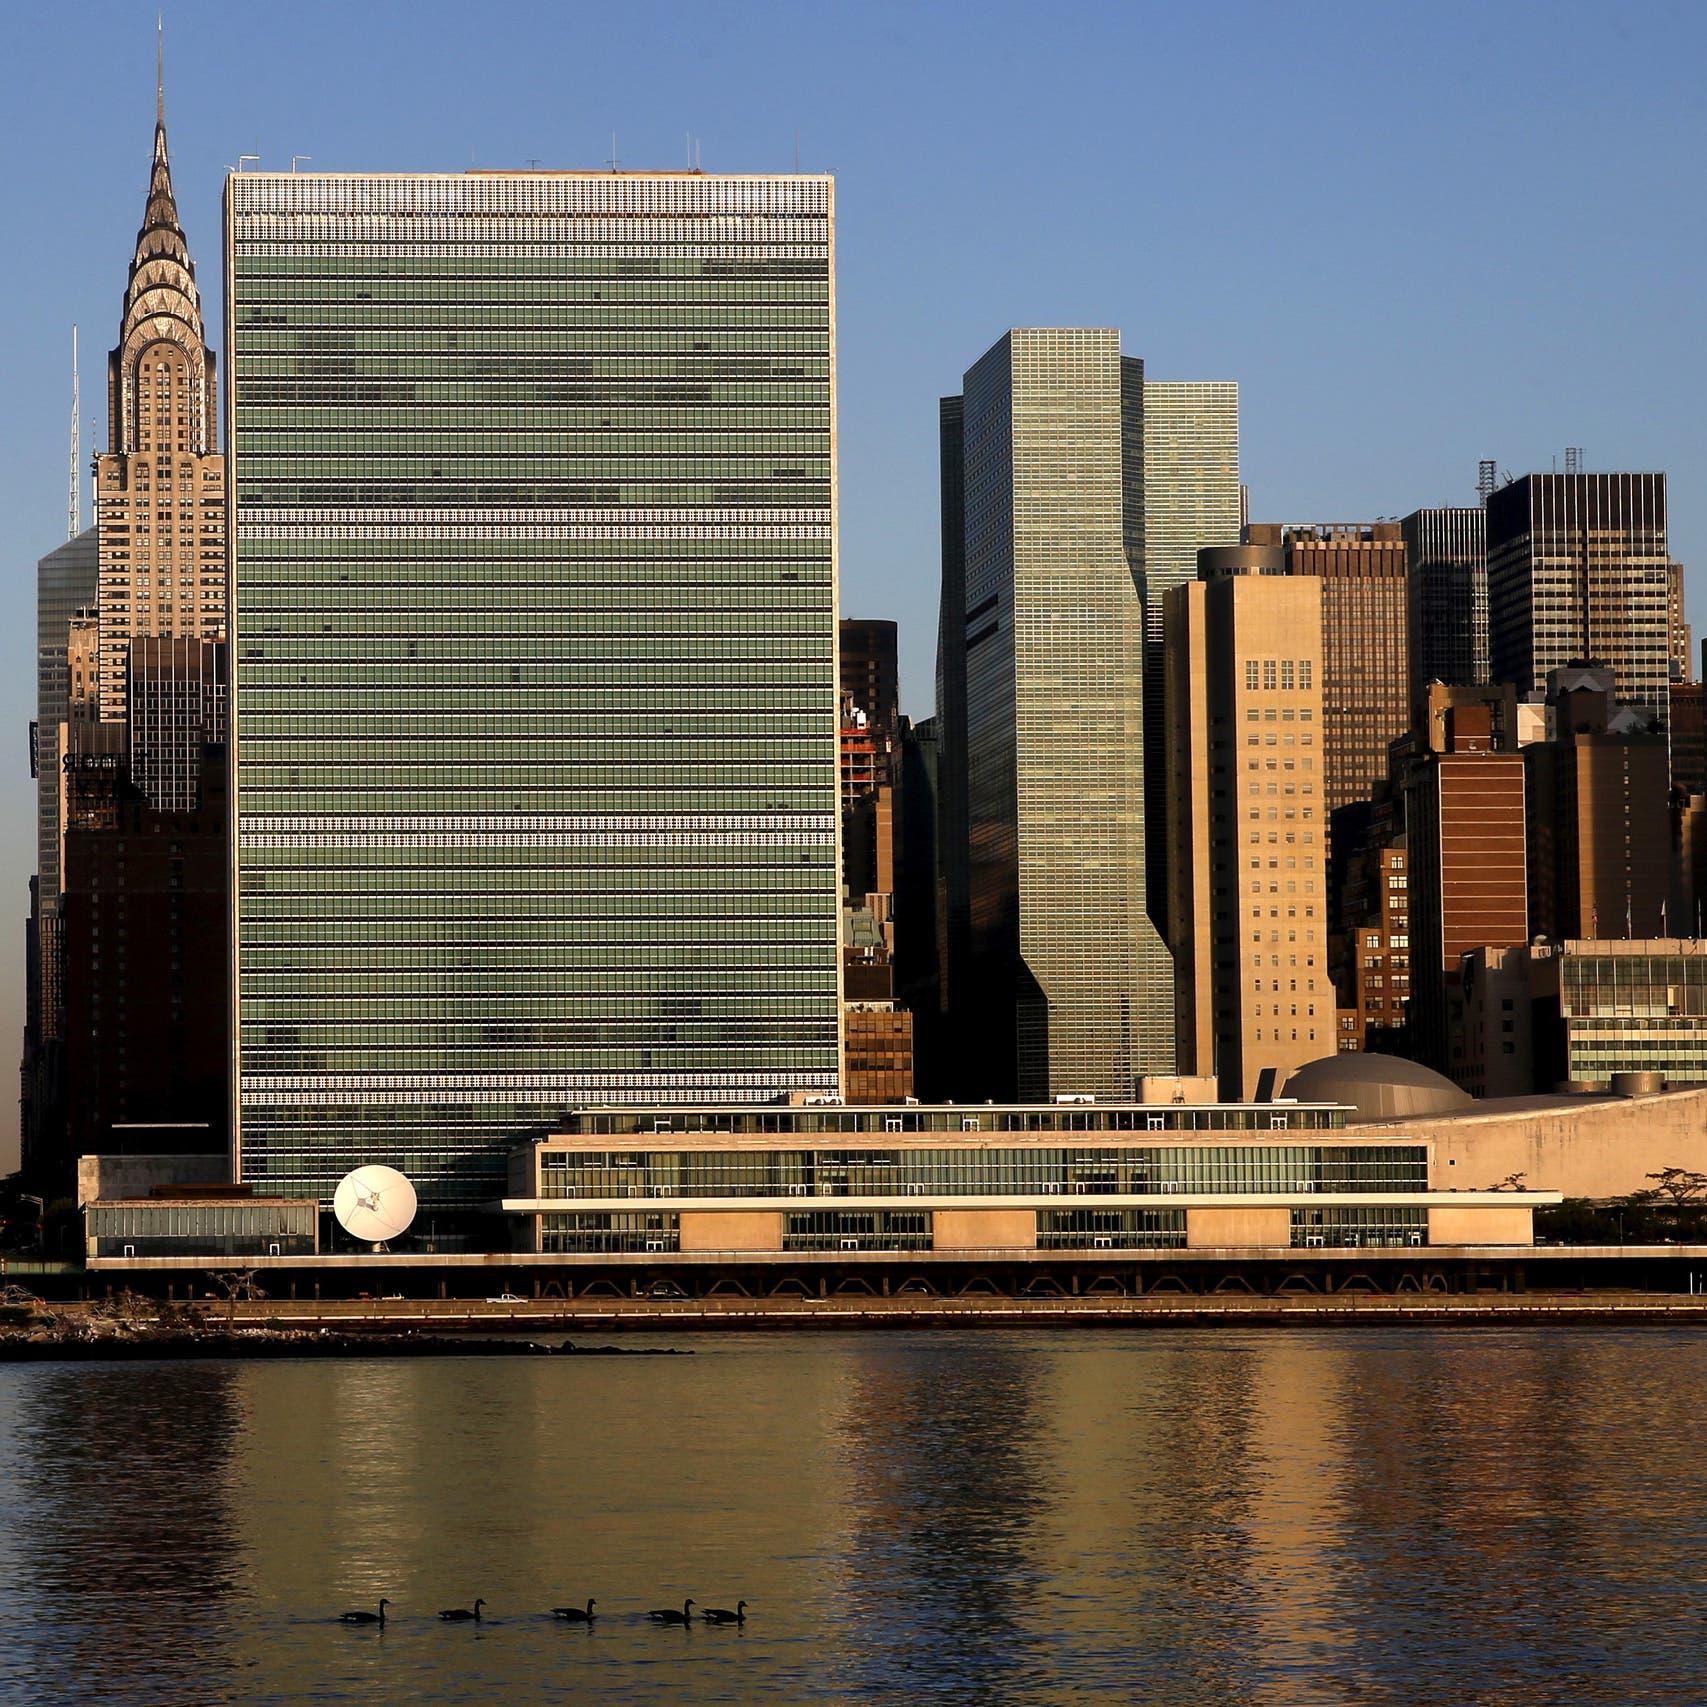 الأمم المتحدة تتوصل لاتفاق بشأن إعلان عيدها الـ75